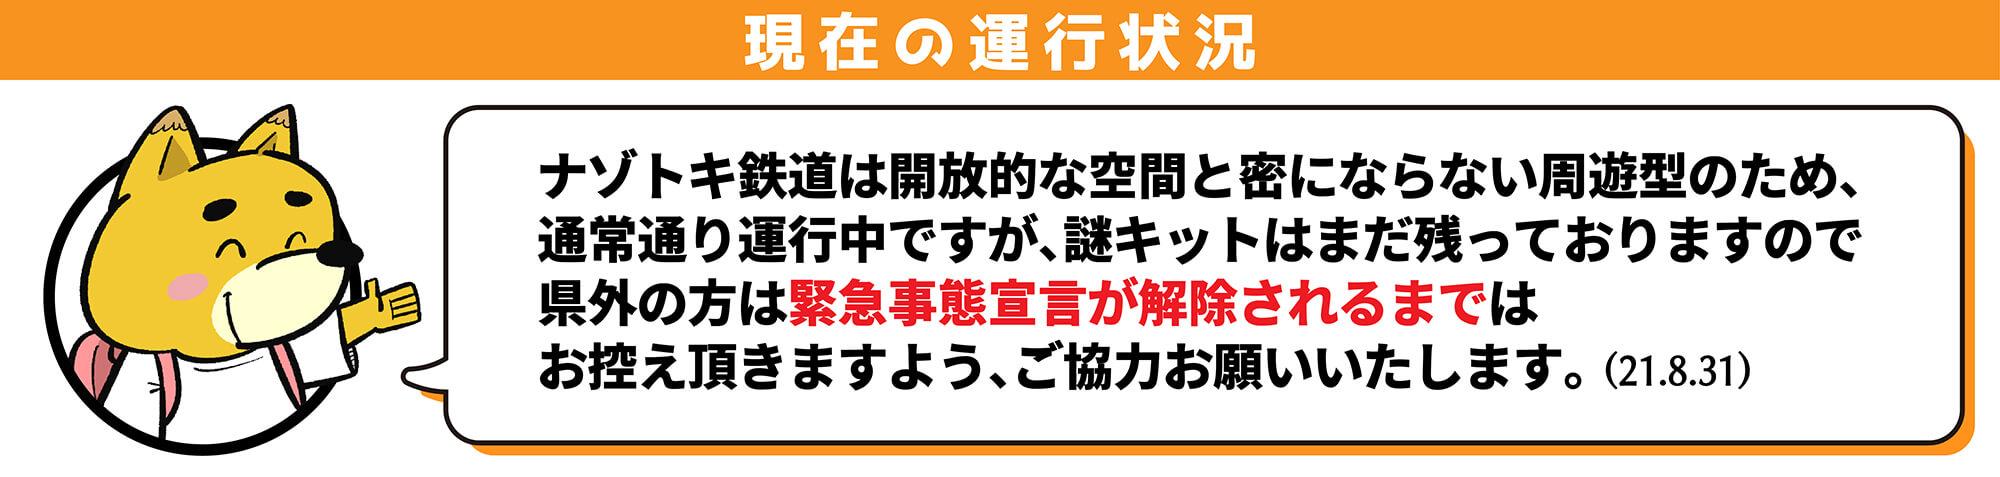 【周遊型謎解きイベント】近江鉄道謎解き鉄道|間違いだらけのガイドブック|ナゾトキ鉄道は開放的な空間と密にならない周遊型のため、通常通り運行中ですが、謎キットはまだまだ残っておりますので県外の方は緊急事態宣言が解除されるまではお控えいただきますよう、ご協力お願いいたします(2021年8月31日更新)